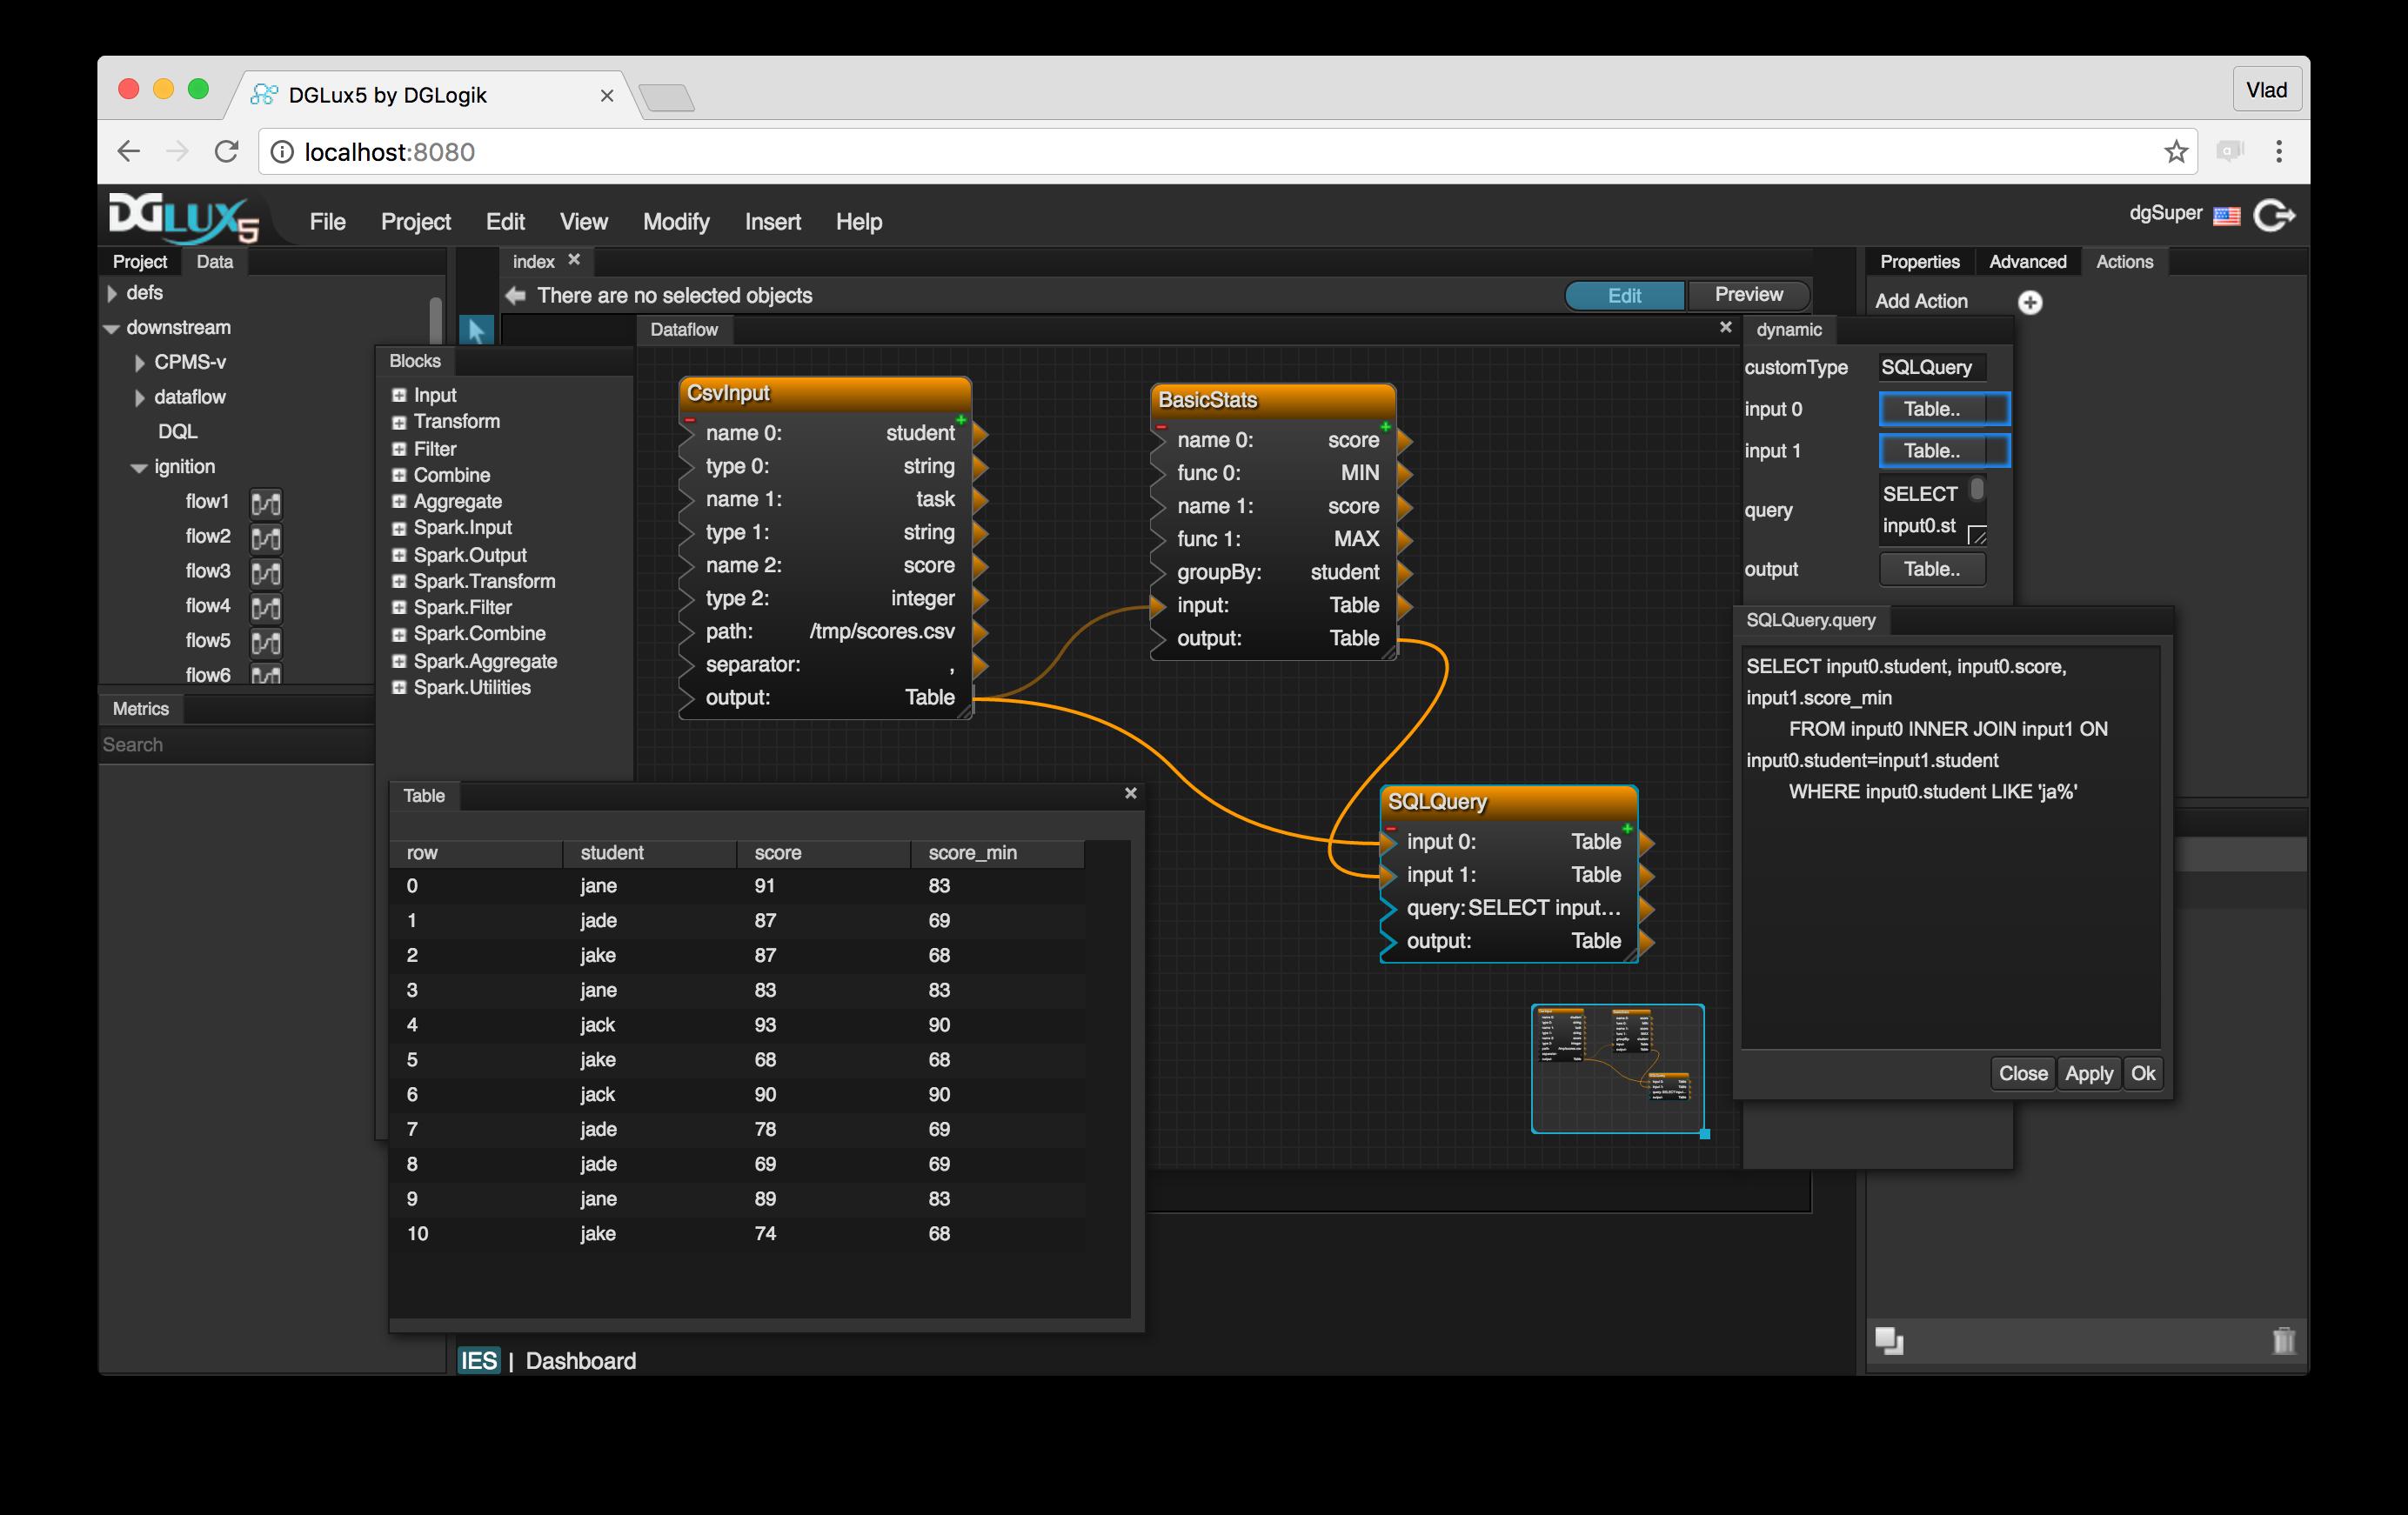 IOT-DSA/dslink-scala-ignition: Scala-based DSLink